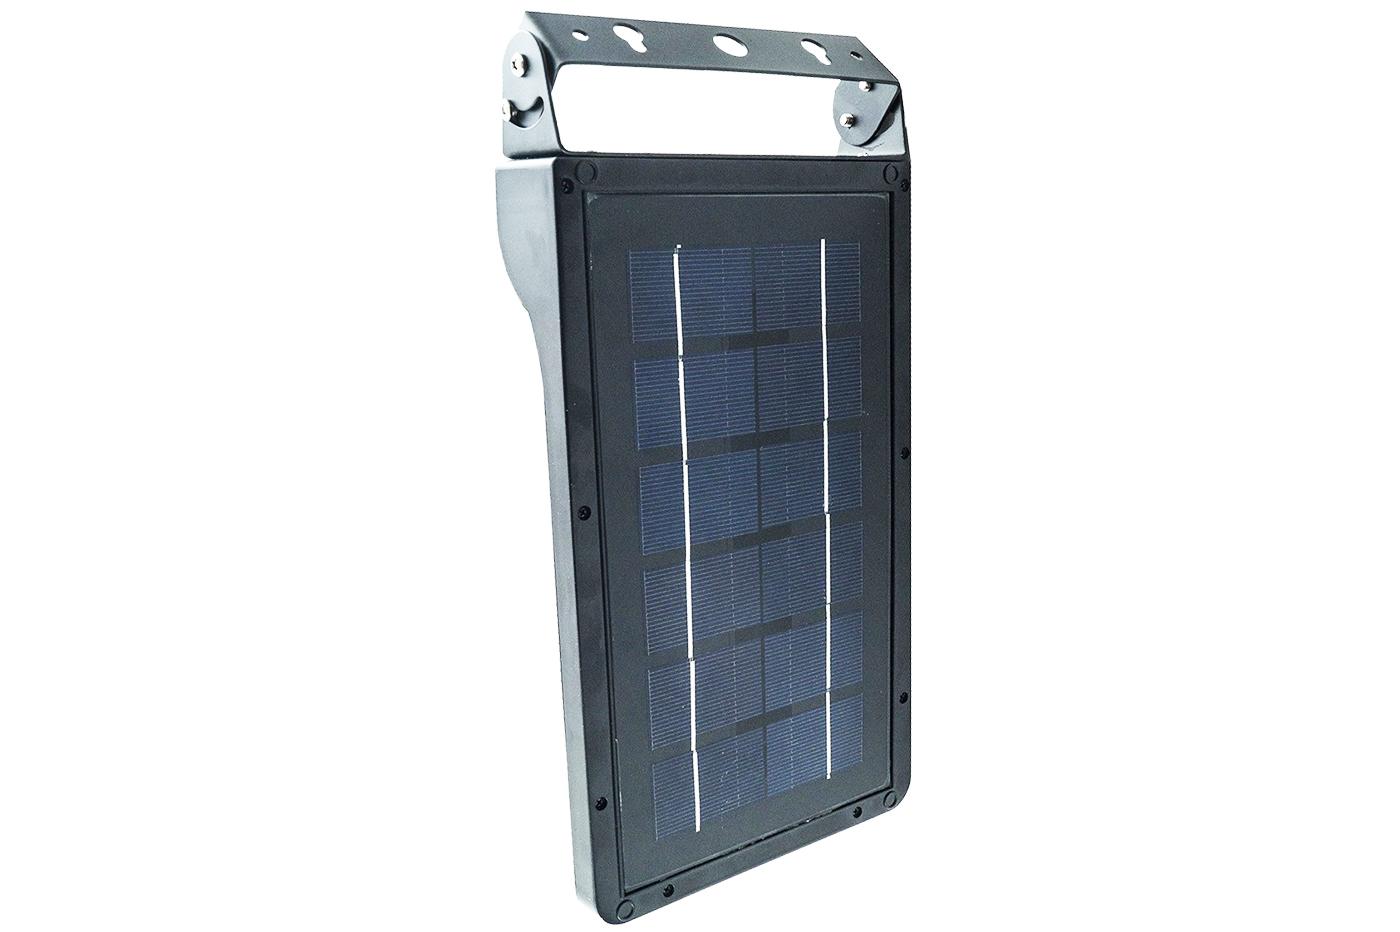 Plafoniere Per Giardino : Bes 21816 illuminazione ad energia solare beselettronica